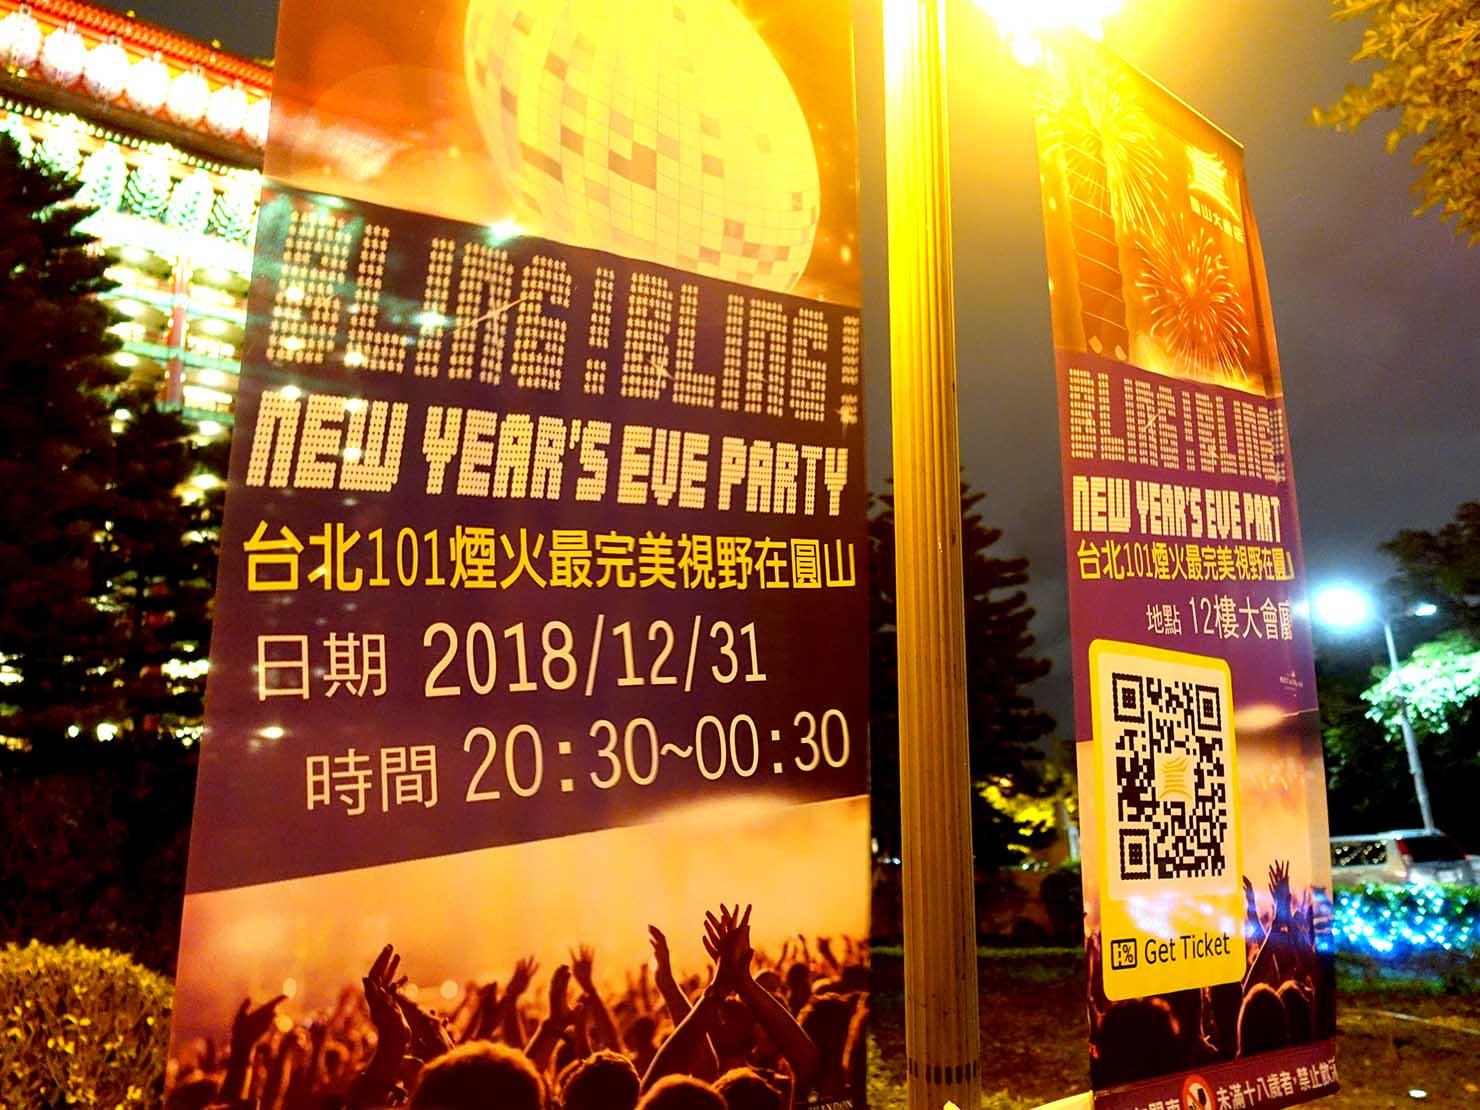 台北・圓山大飯店のカウントダウンパーティー「Bling Bling跨年派對」の垂れ幕